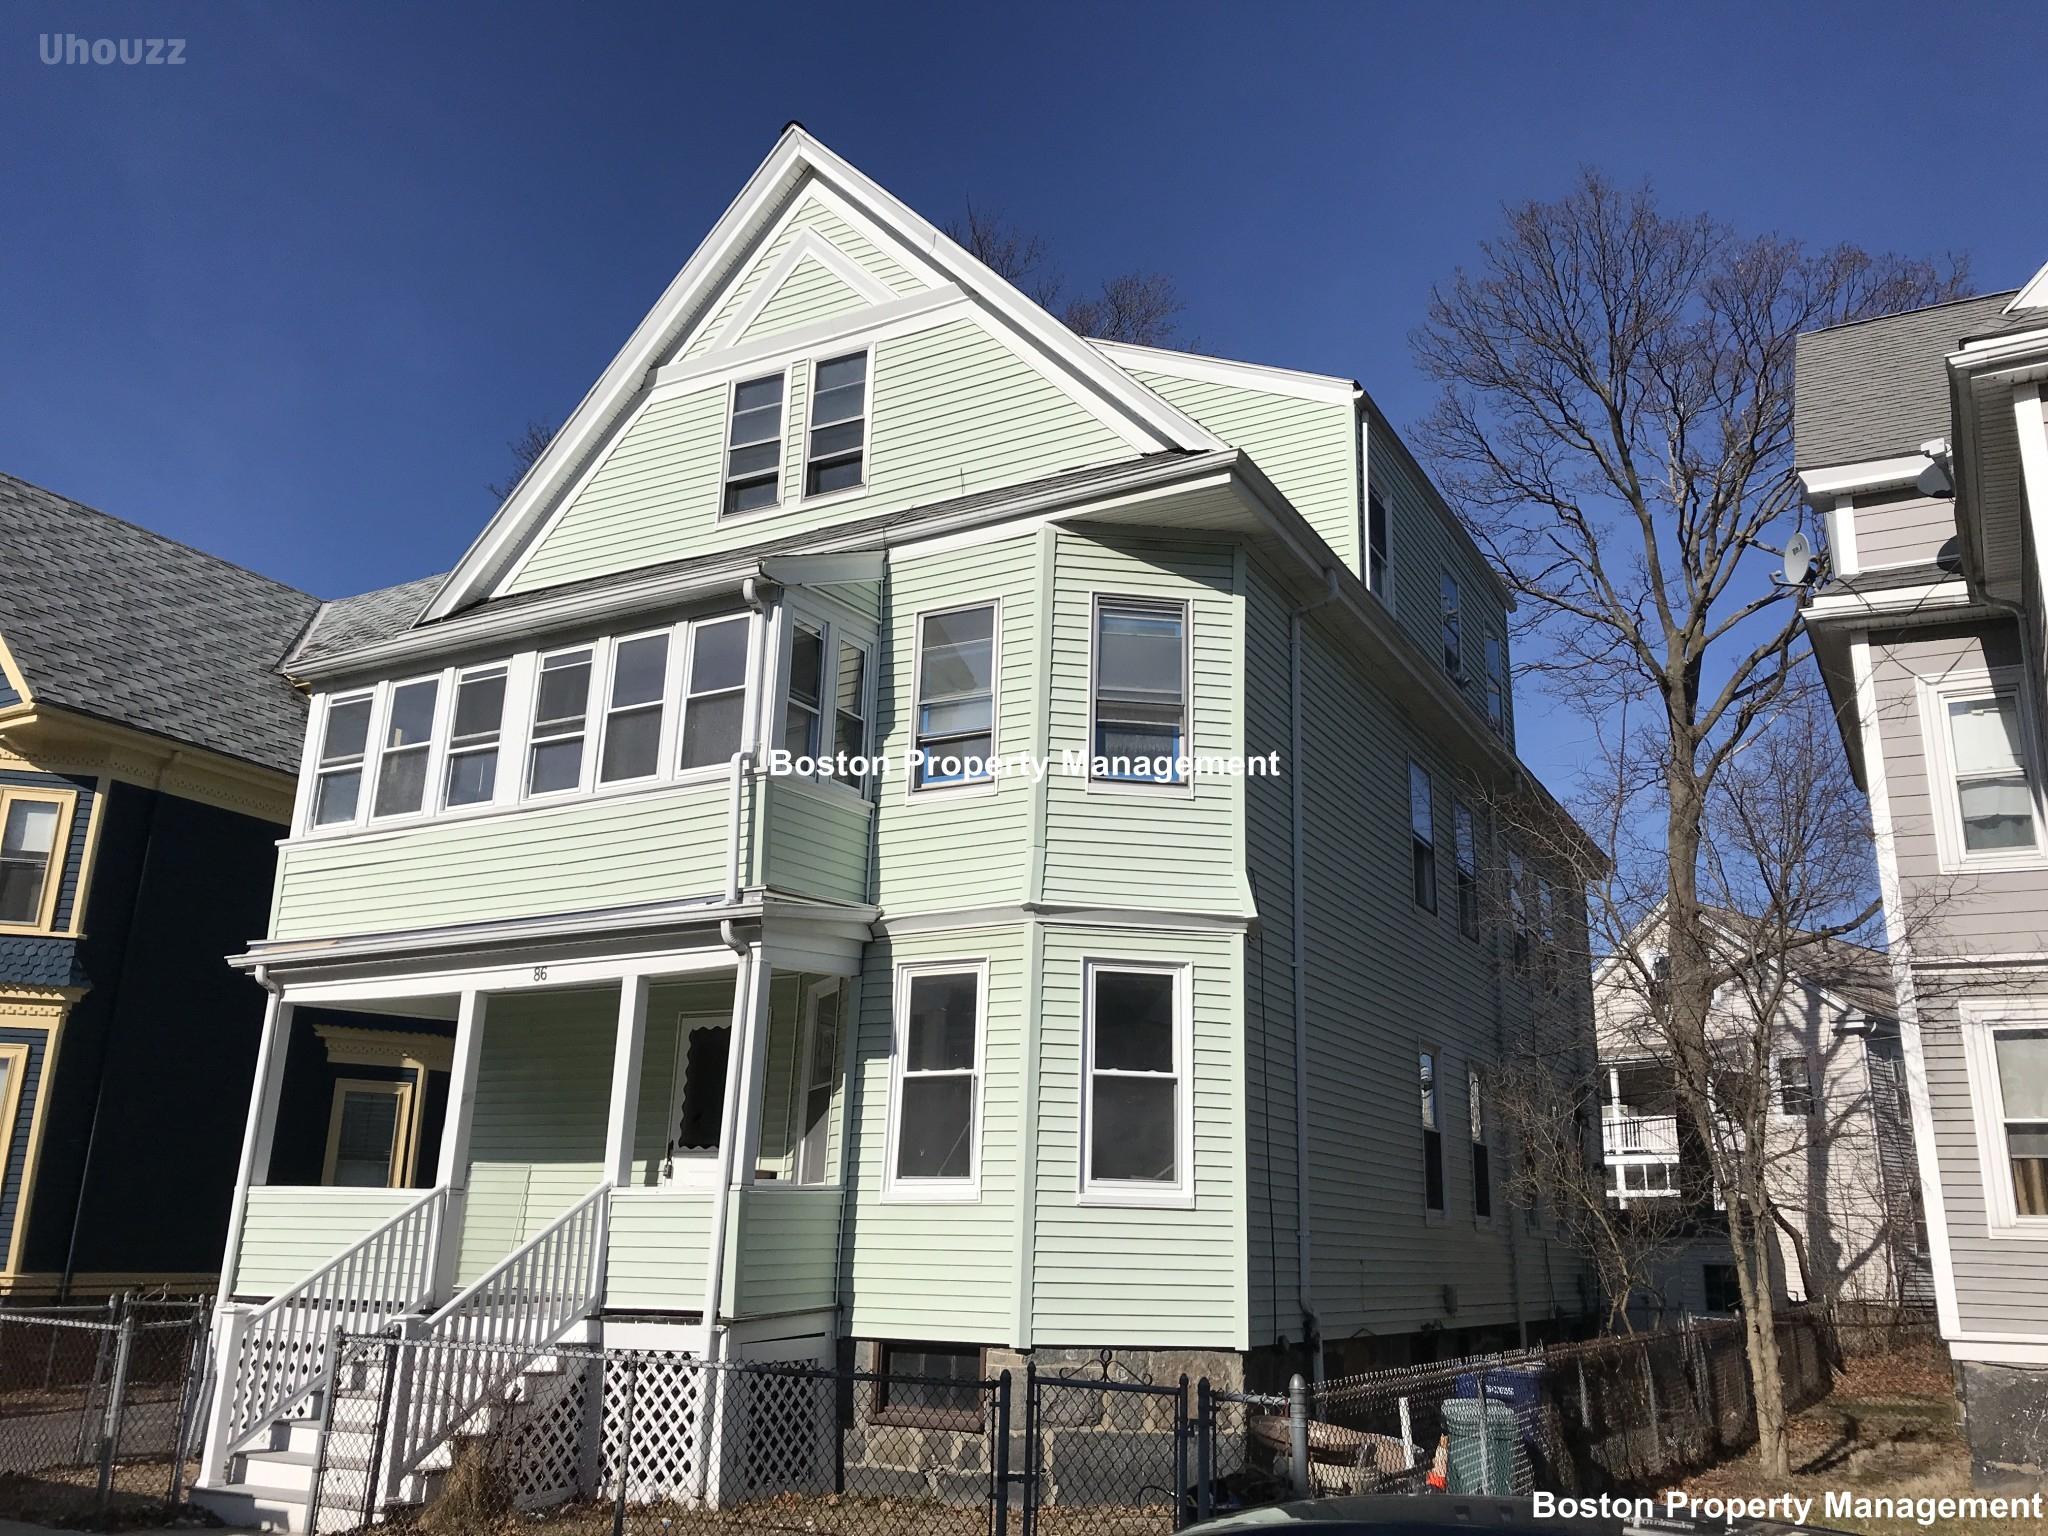 美国拖欠房租或房贷人数连续四个月创新高 -异乡好居